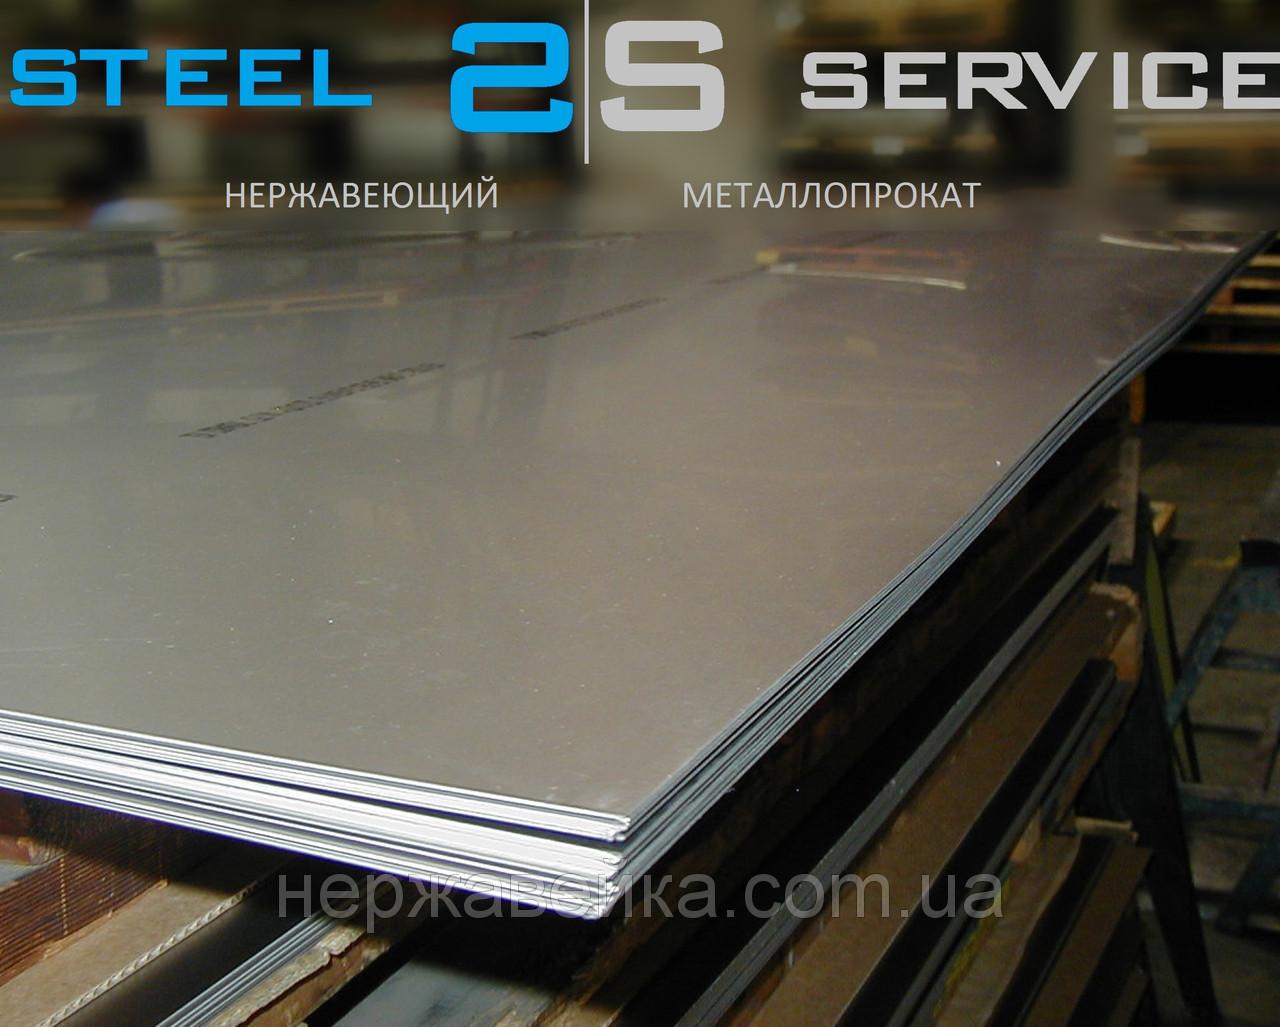 Нержавейка лист 1,5х1000х2000мм  AISI 310(20Х23Н18) 2B - матовый,  жаропрочный